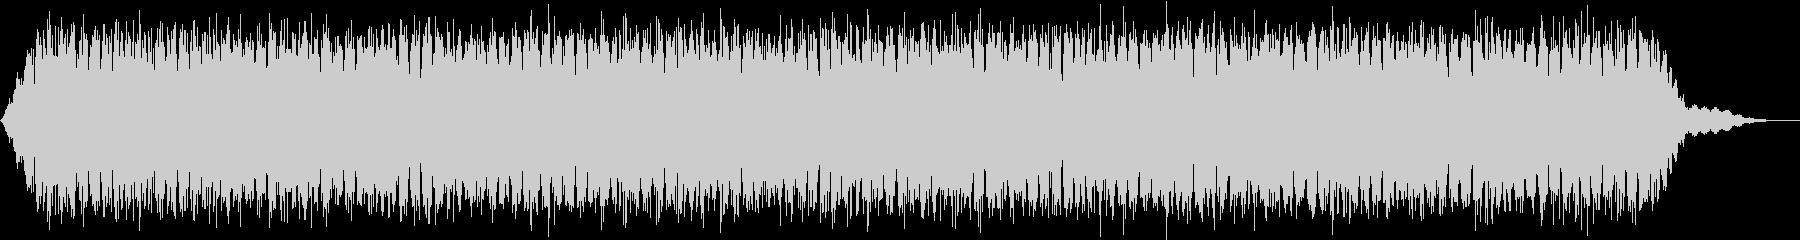 【アンビエント】ドローン_46 実験音の未再生の波形